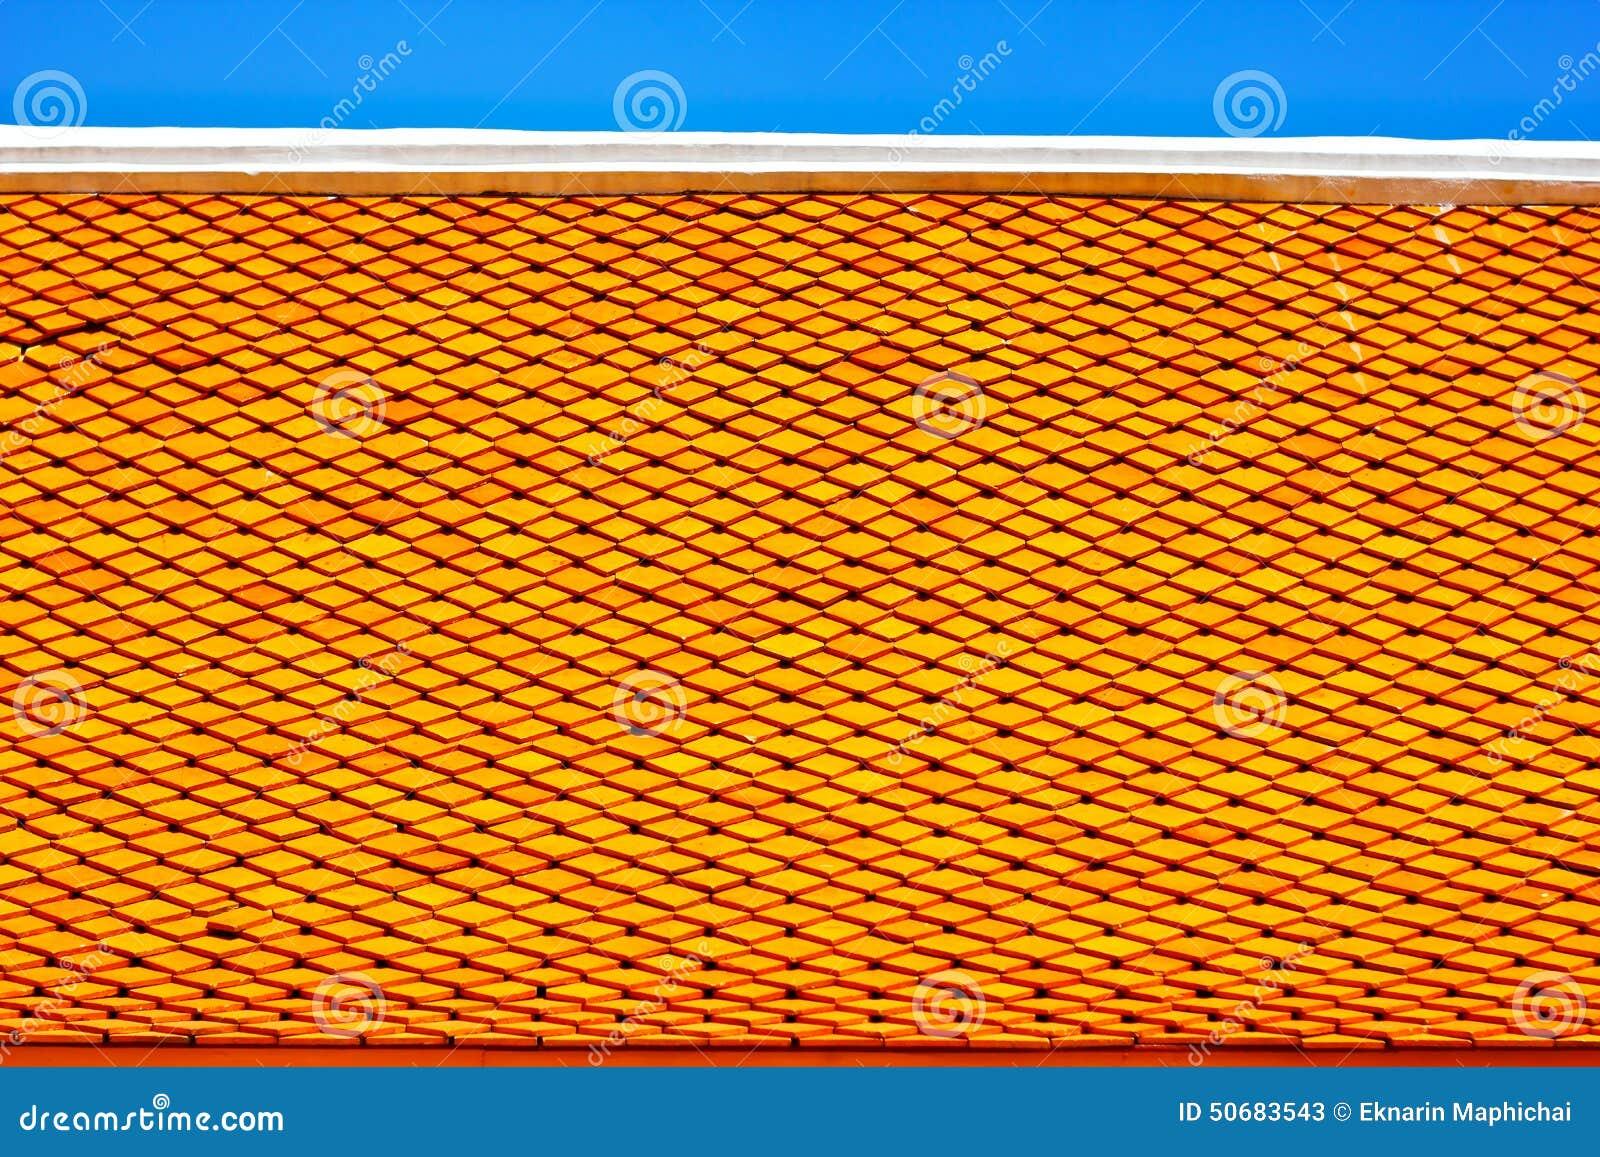 Download Carmona堡垒门屋顶塞维利亚西班牙瓦片 库存图片. 图片 包括有 抽象, 模式, 瓦片, 背包, 印度支那 - 50683543